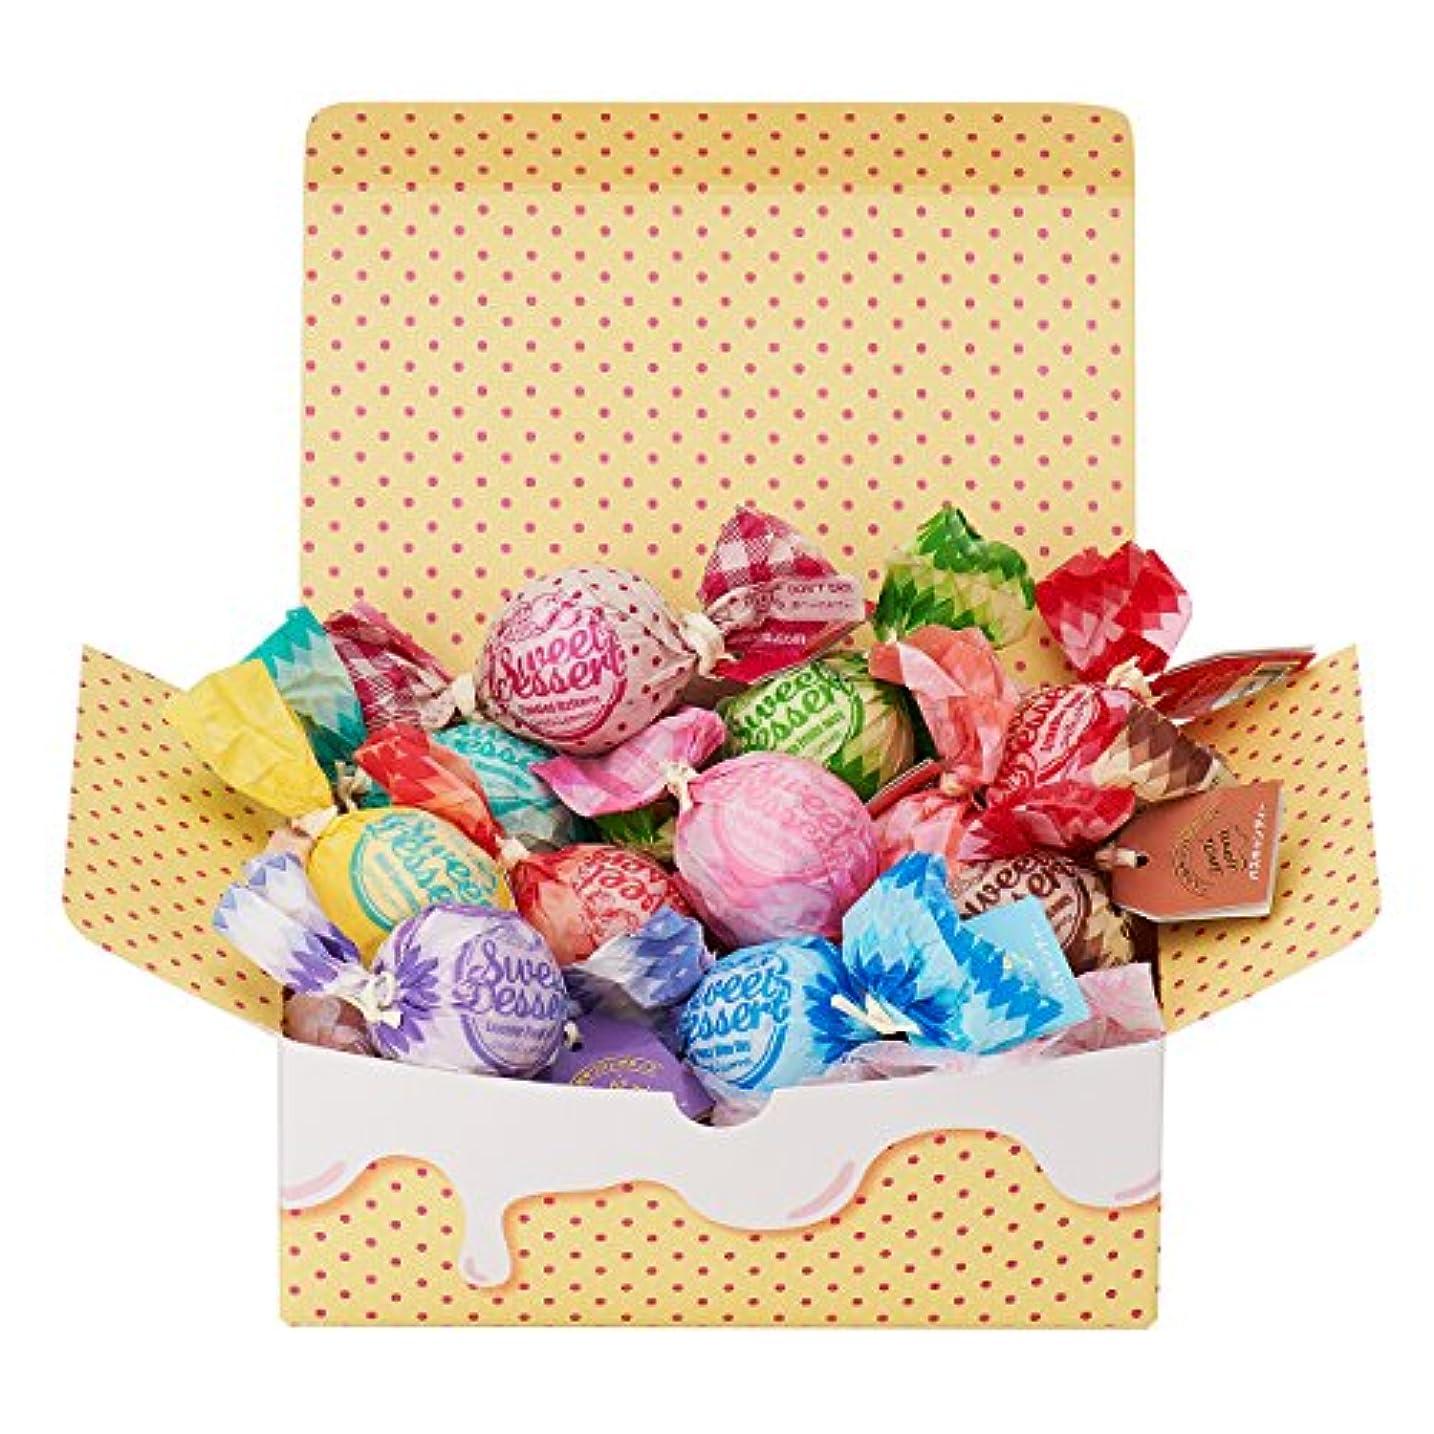 ボルト演劇暖炉アマイワナ 11粒のしあわせ(箱入りバスギフト キャンディー型入浴料×11個)